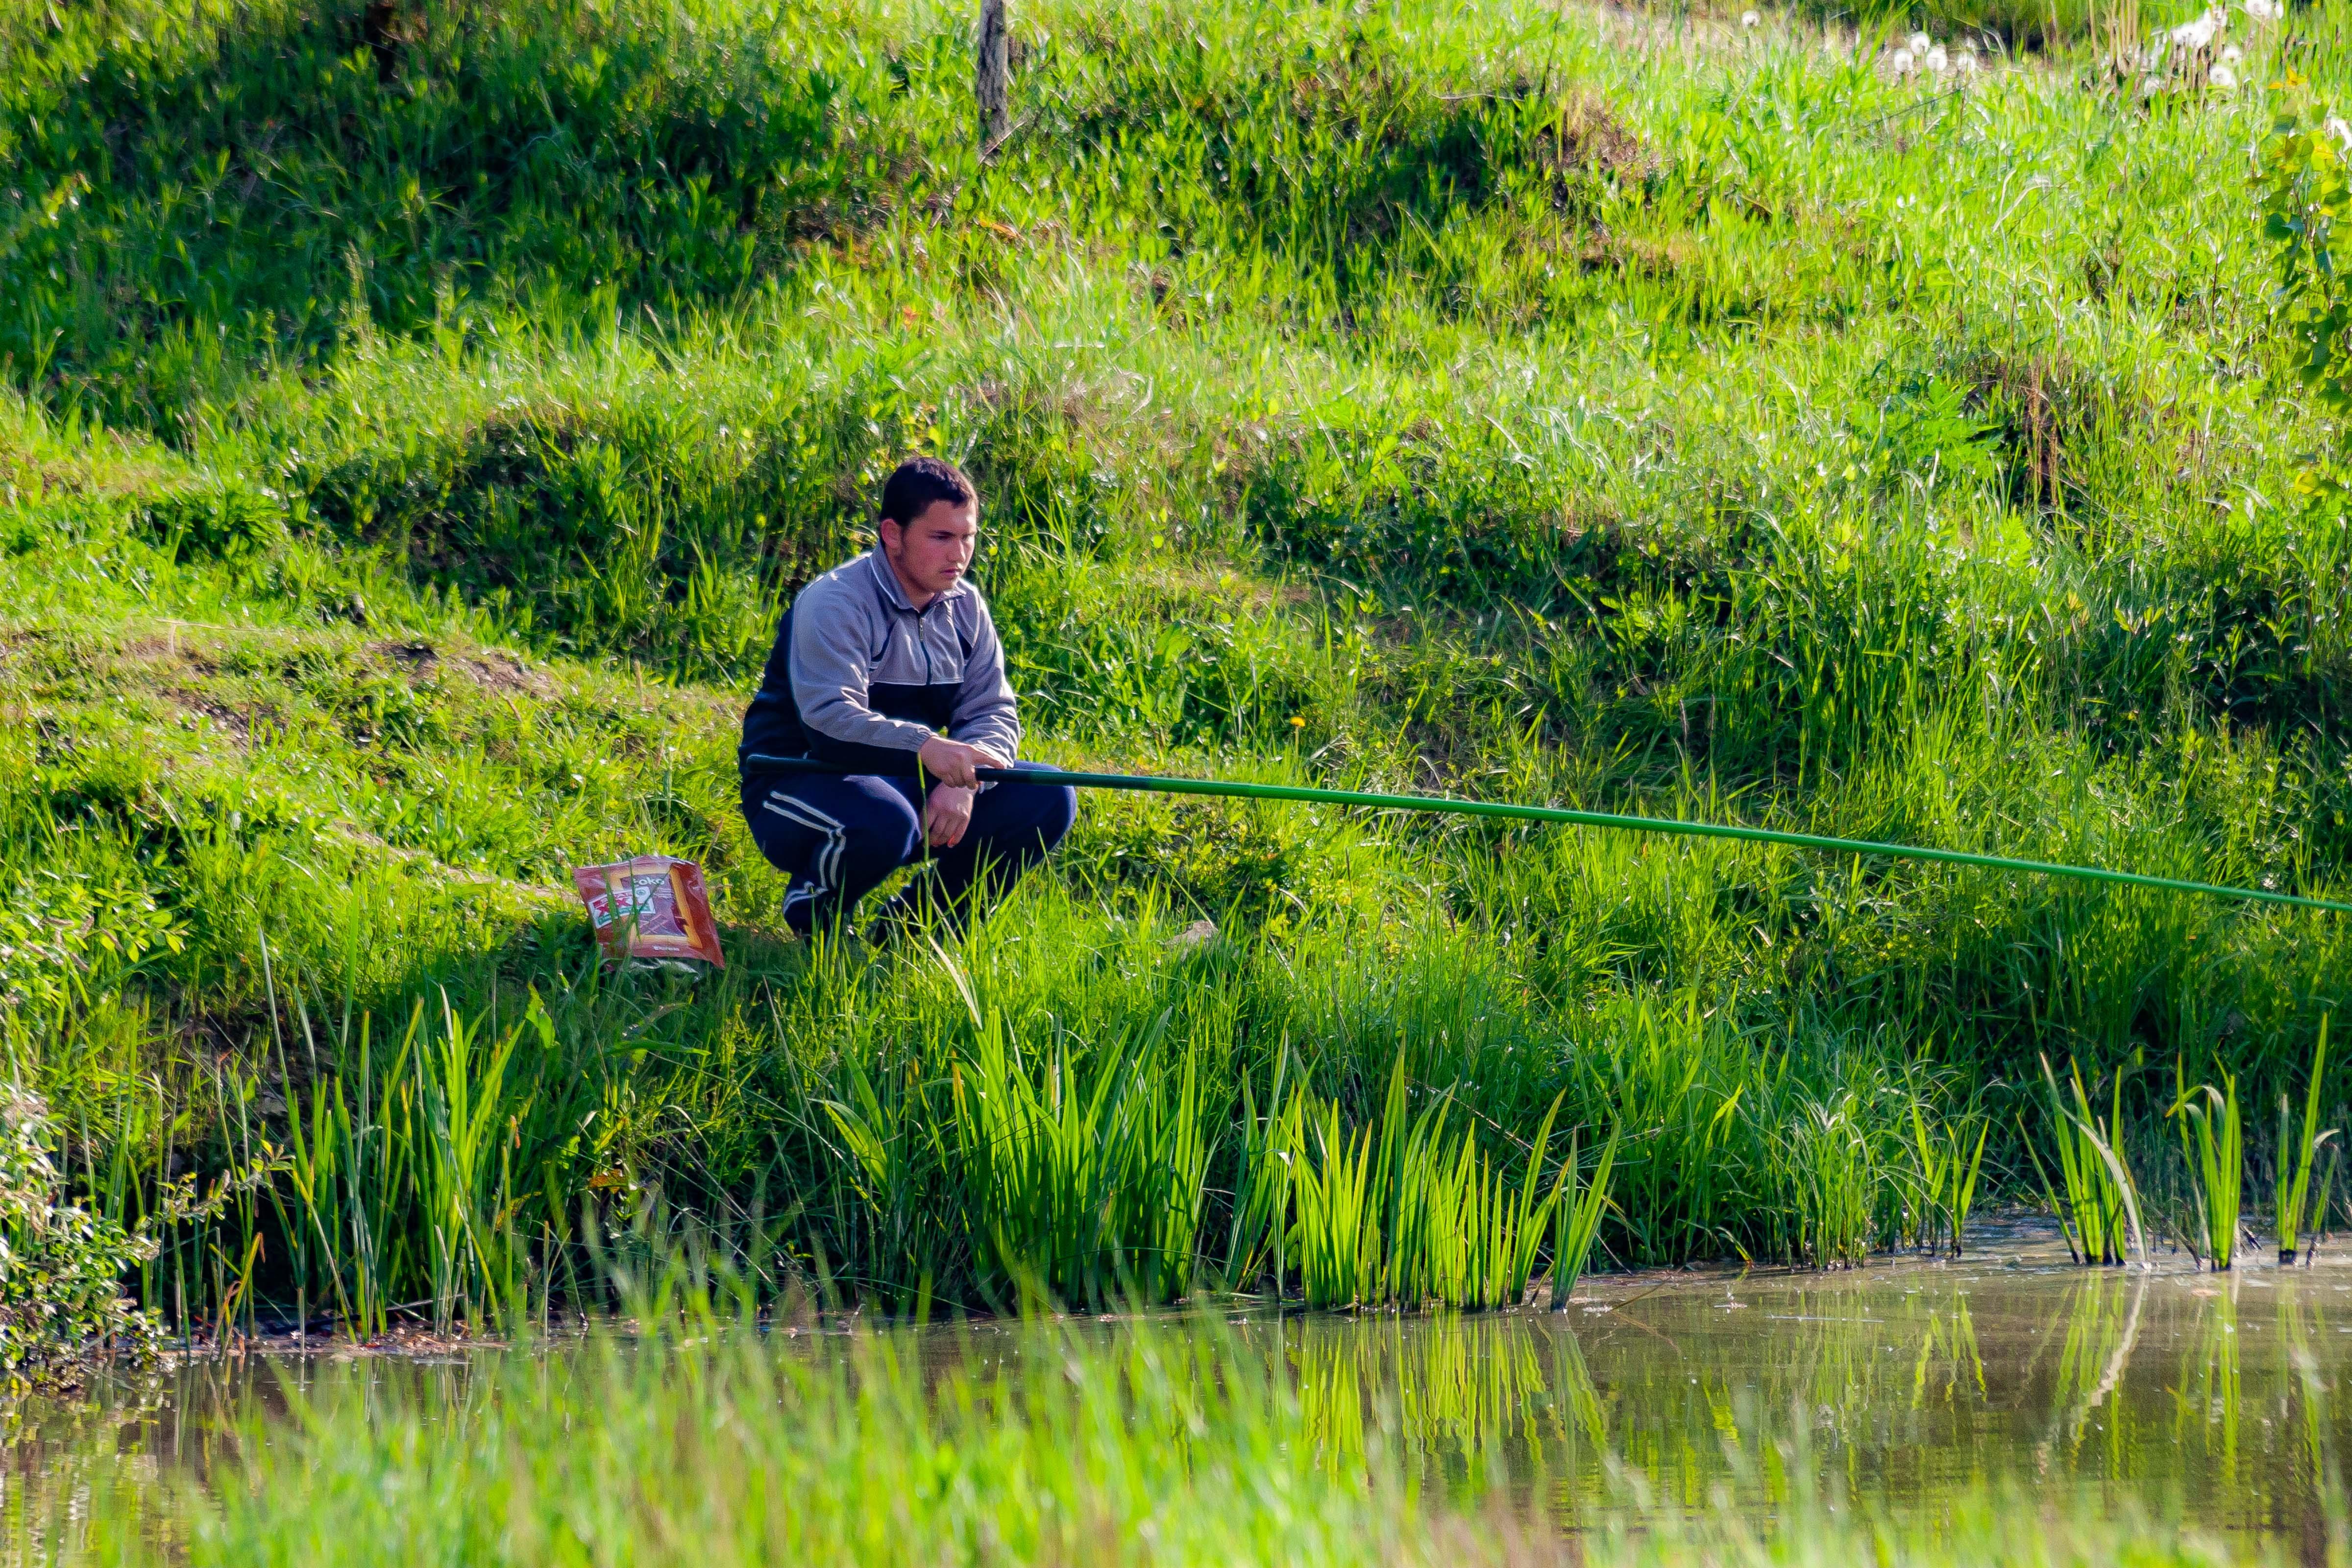 Slovenia, Kobilje Prov, Fishing, 2006, IMG 5235